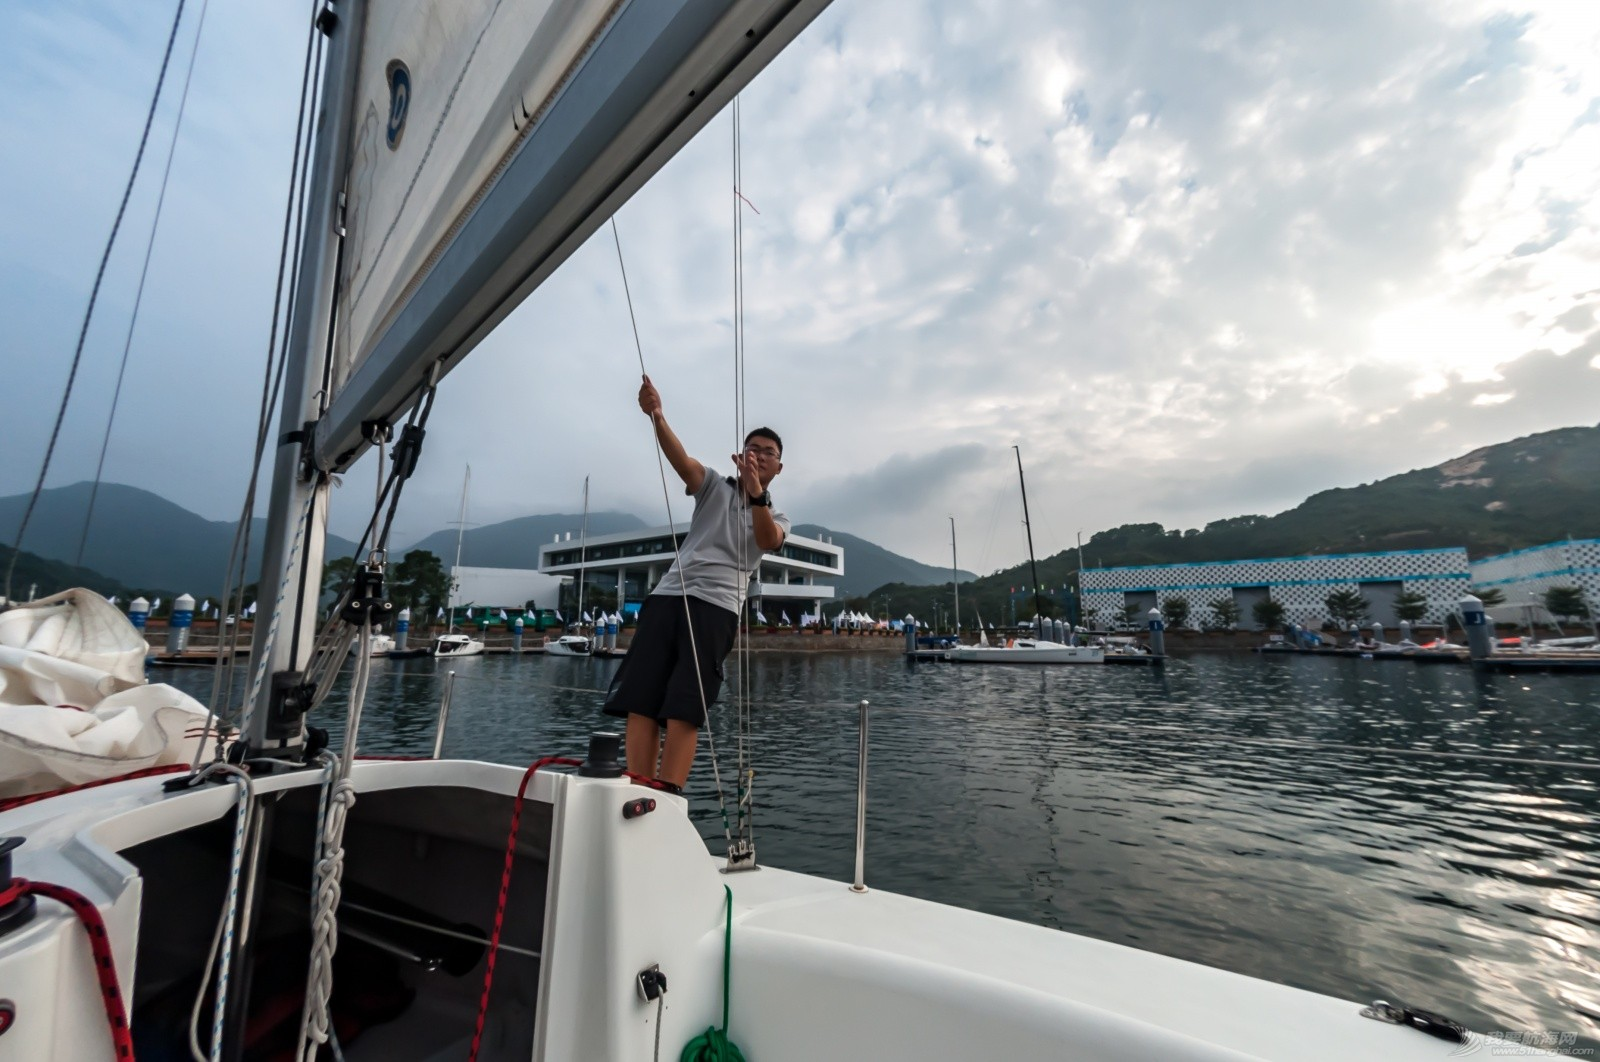 帆船 【2015大鹏杯帆船赛】鱼眼看航海 16049.jpg